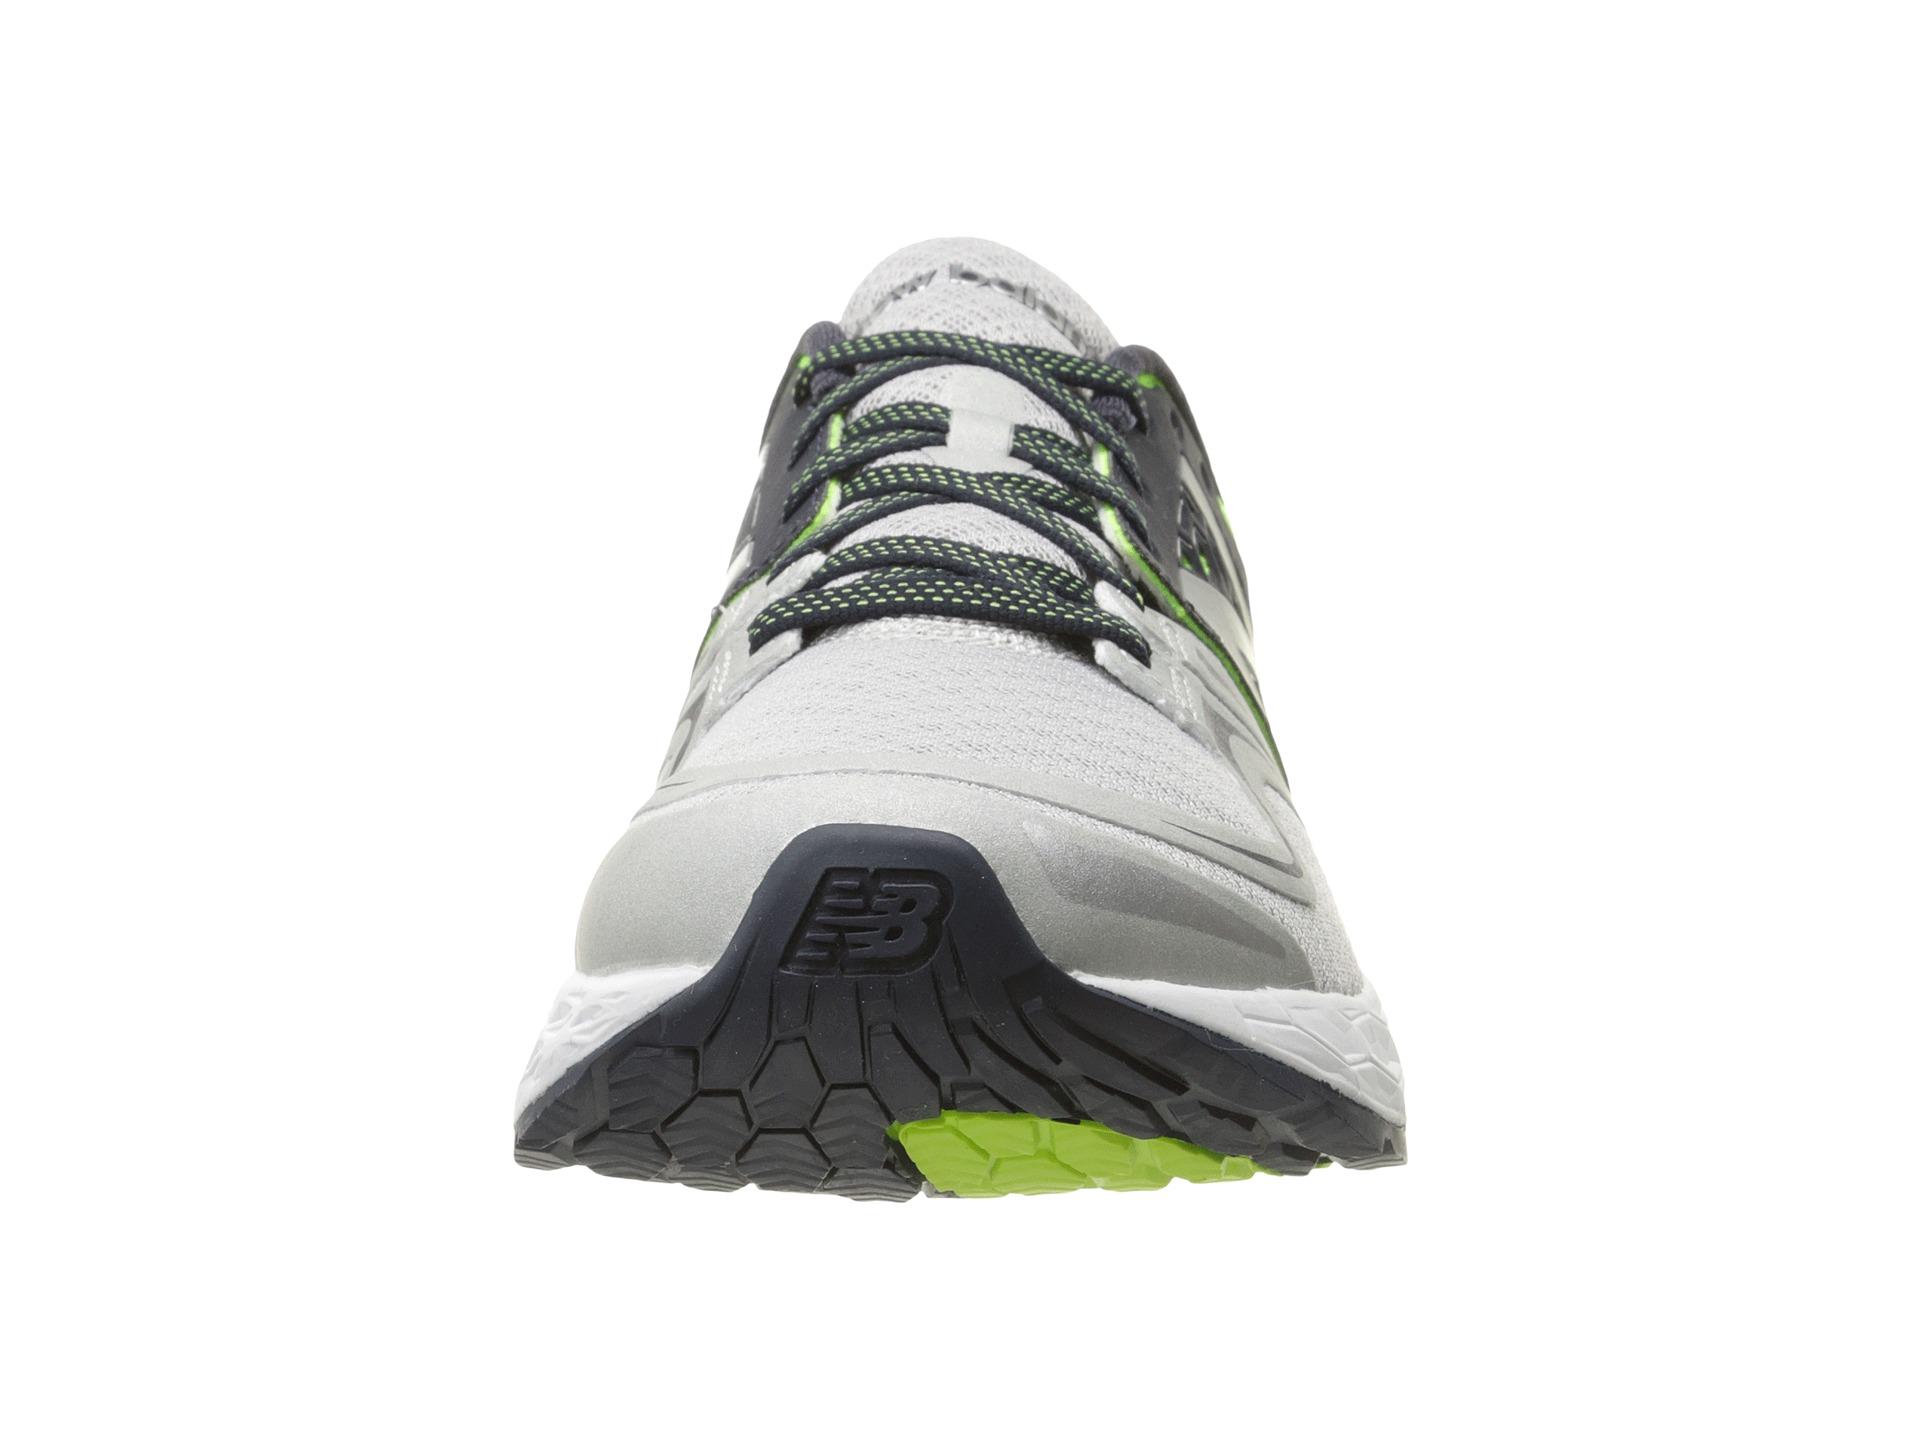 Bealls Mens Tennis Shoes